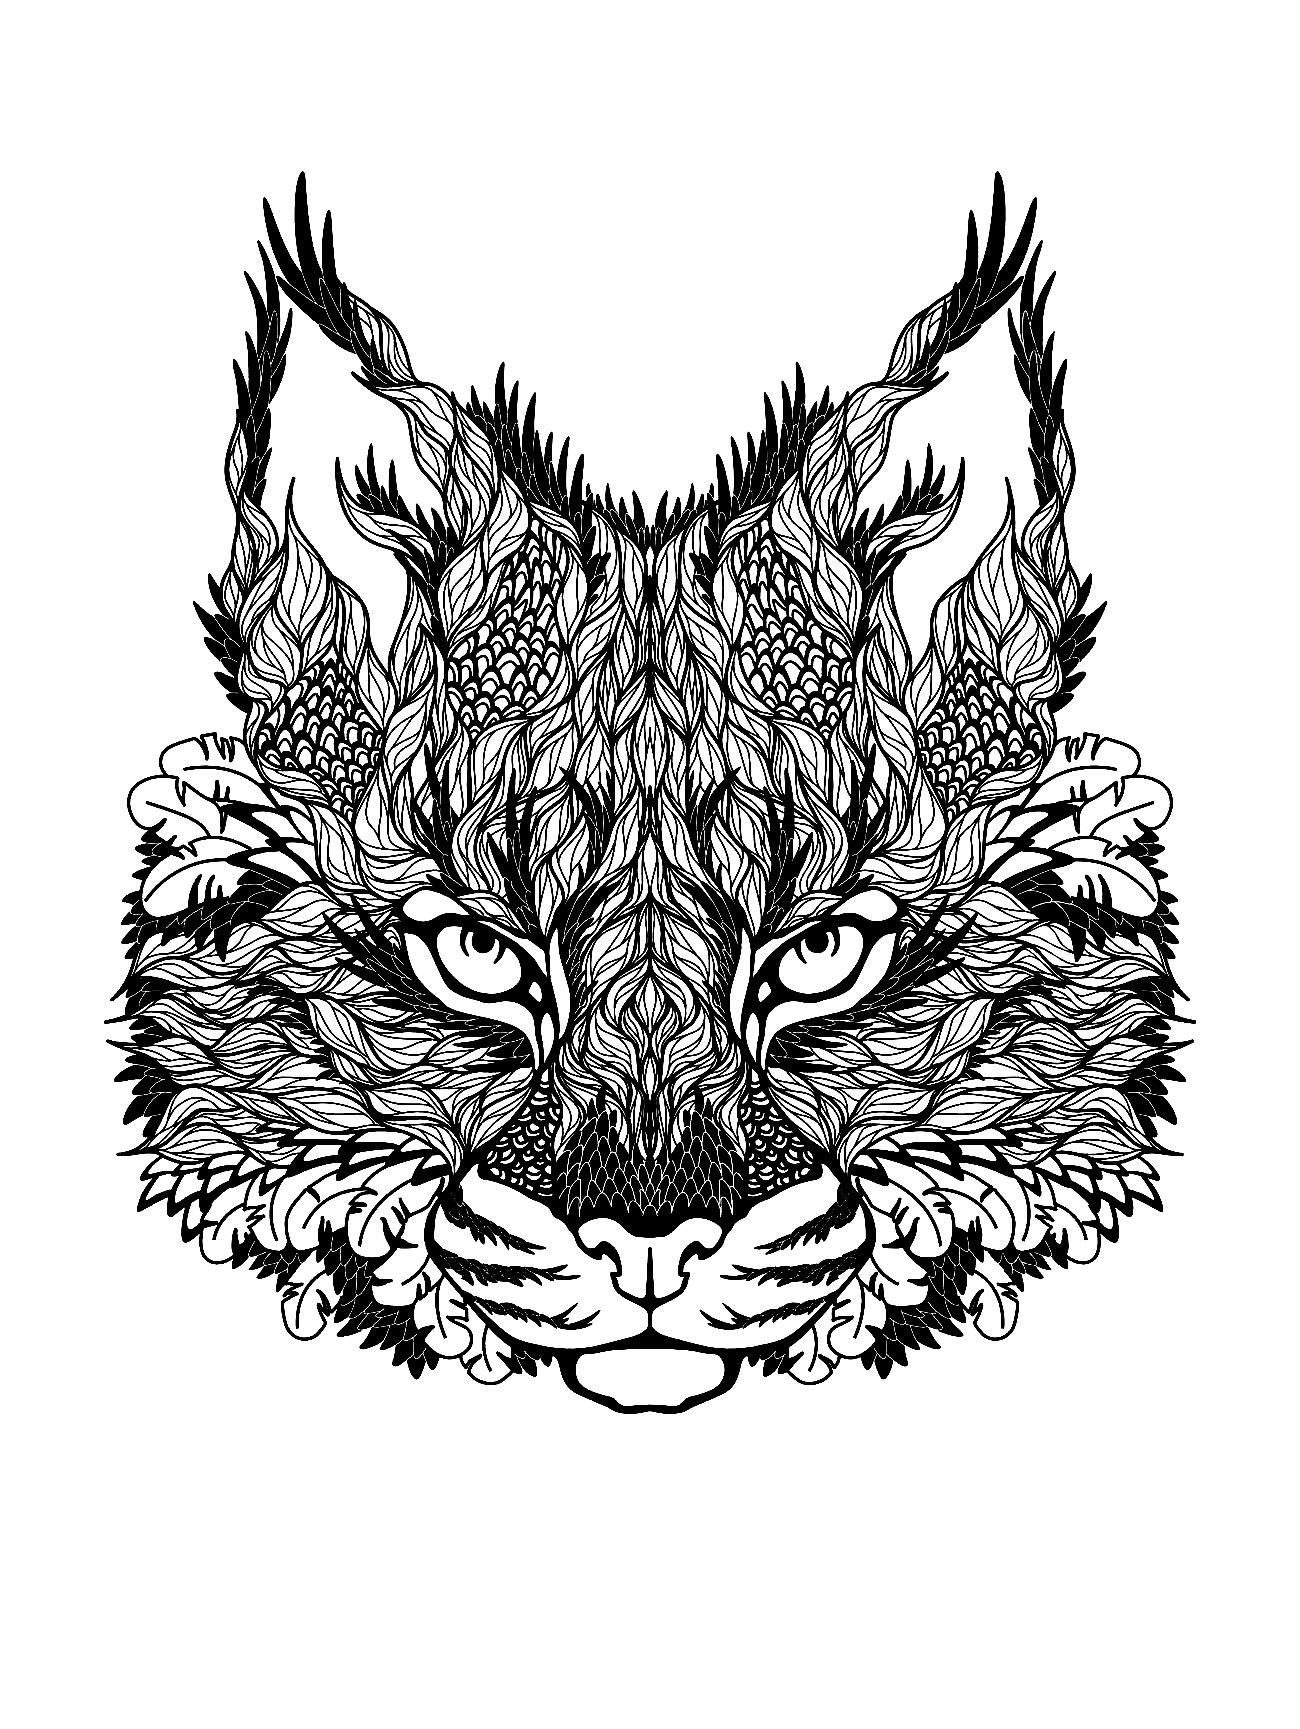 Disegni da colorare per adulti : Gatti - 15